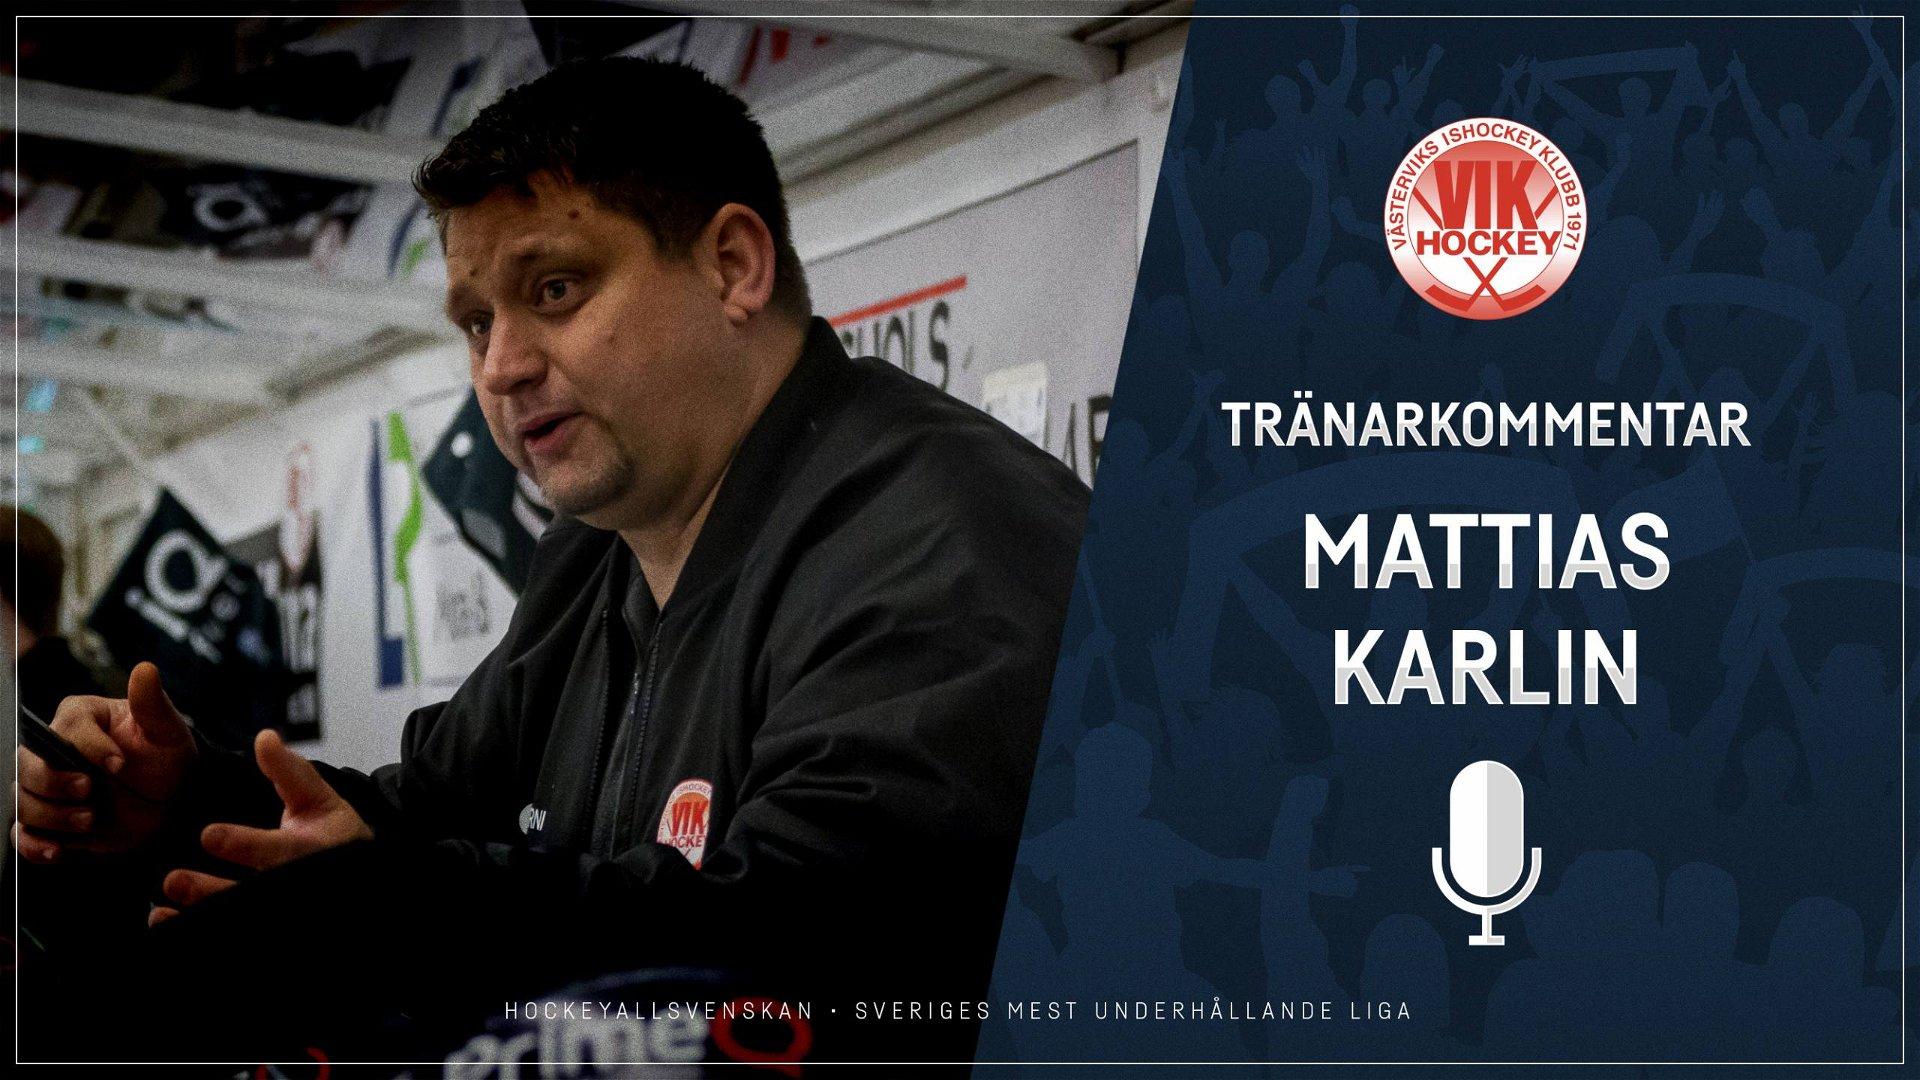 2020-12-30 Segerintervju: Mattias Karlin